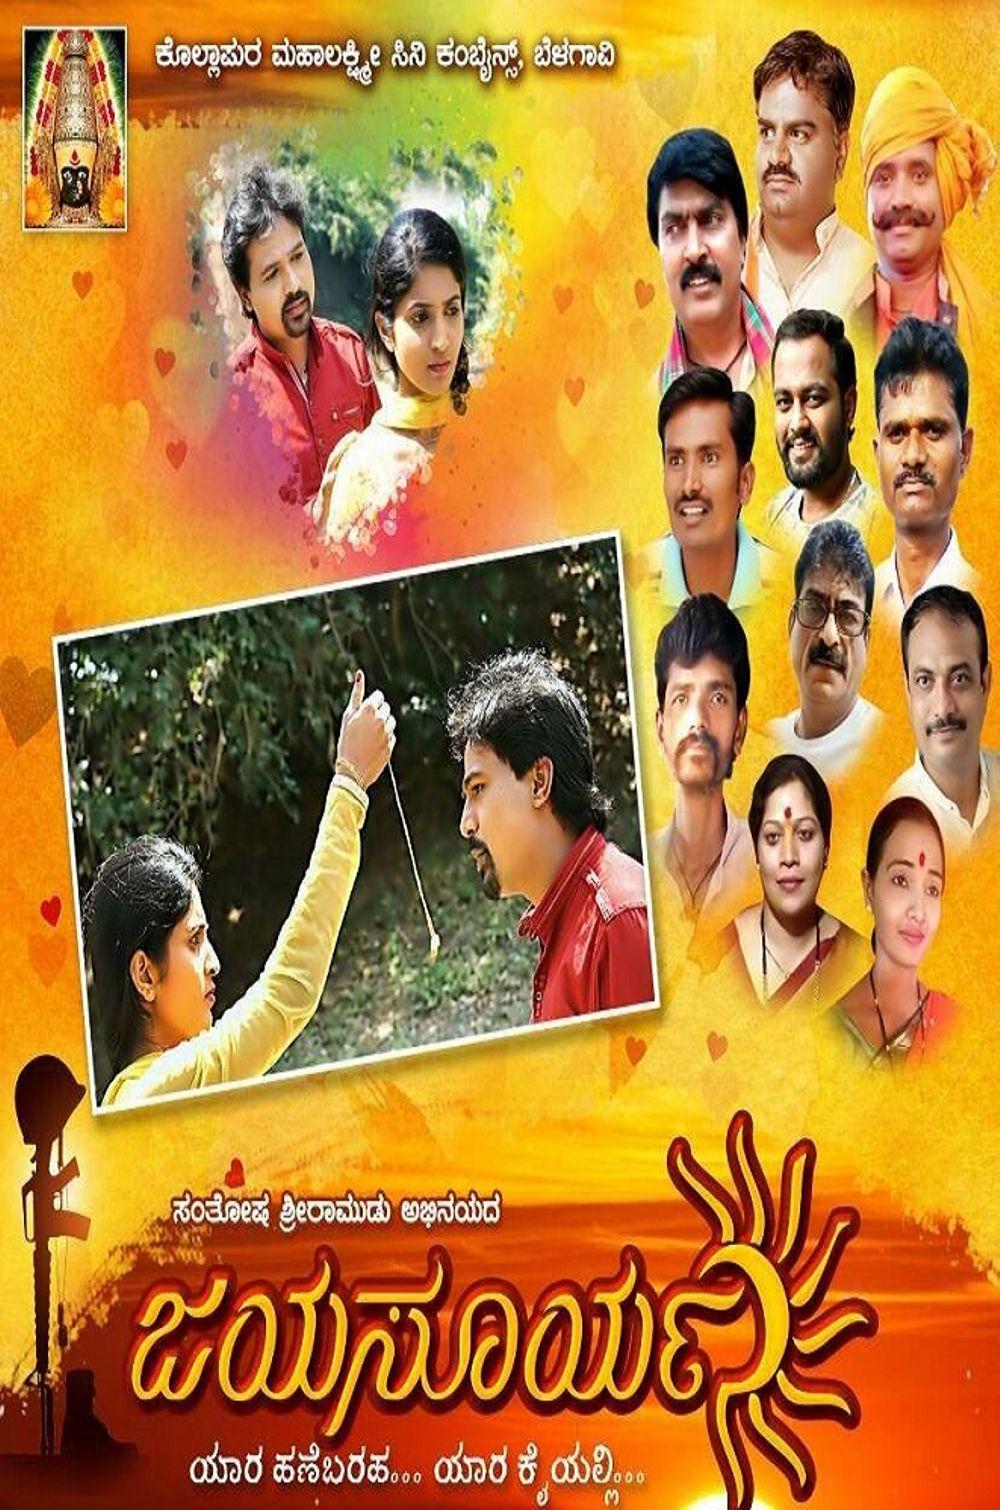 Jayasurya Movie Review Kannada Movie Review